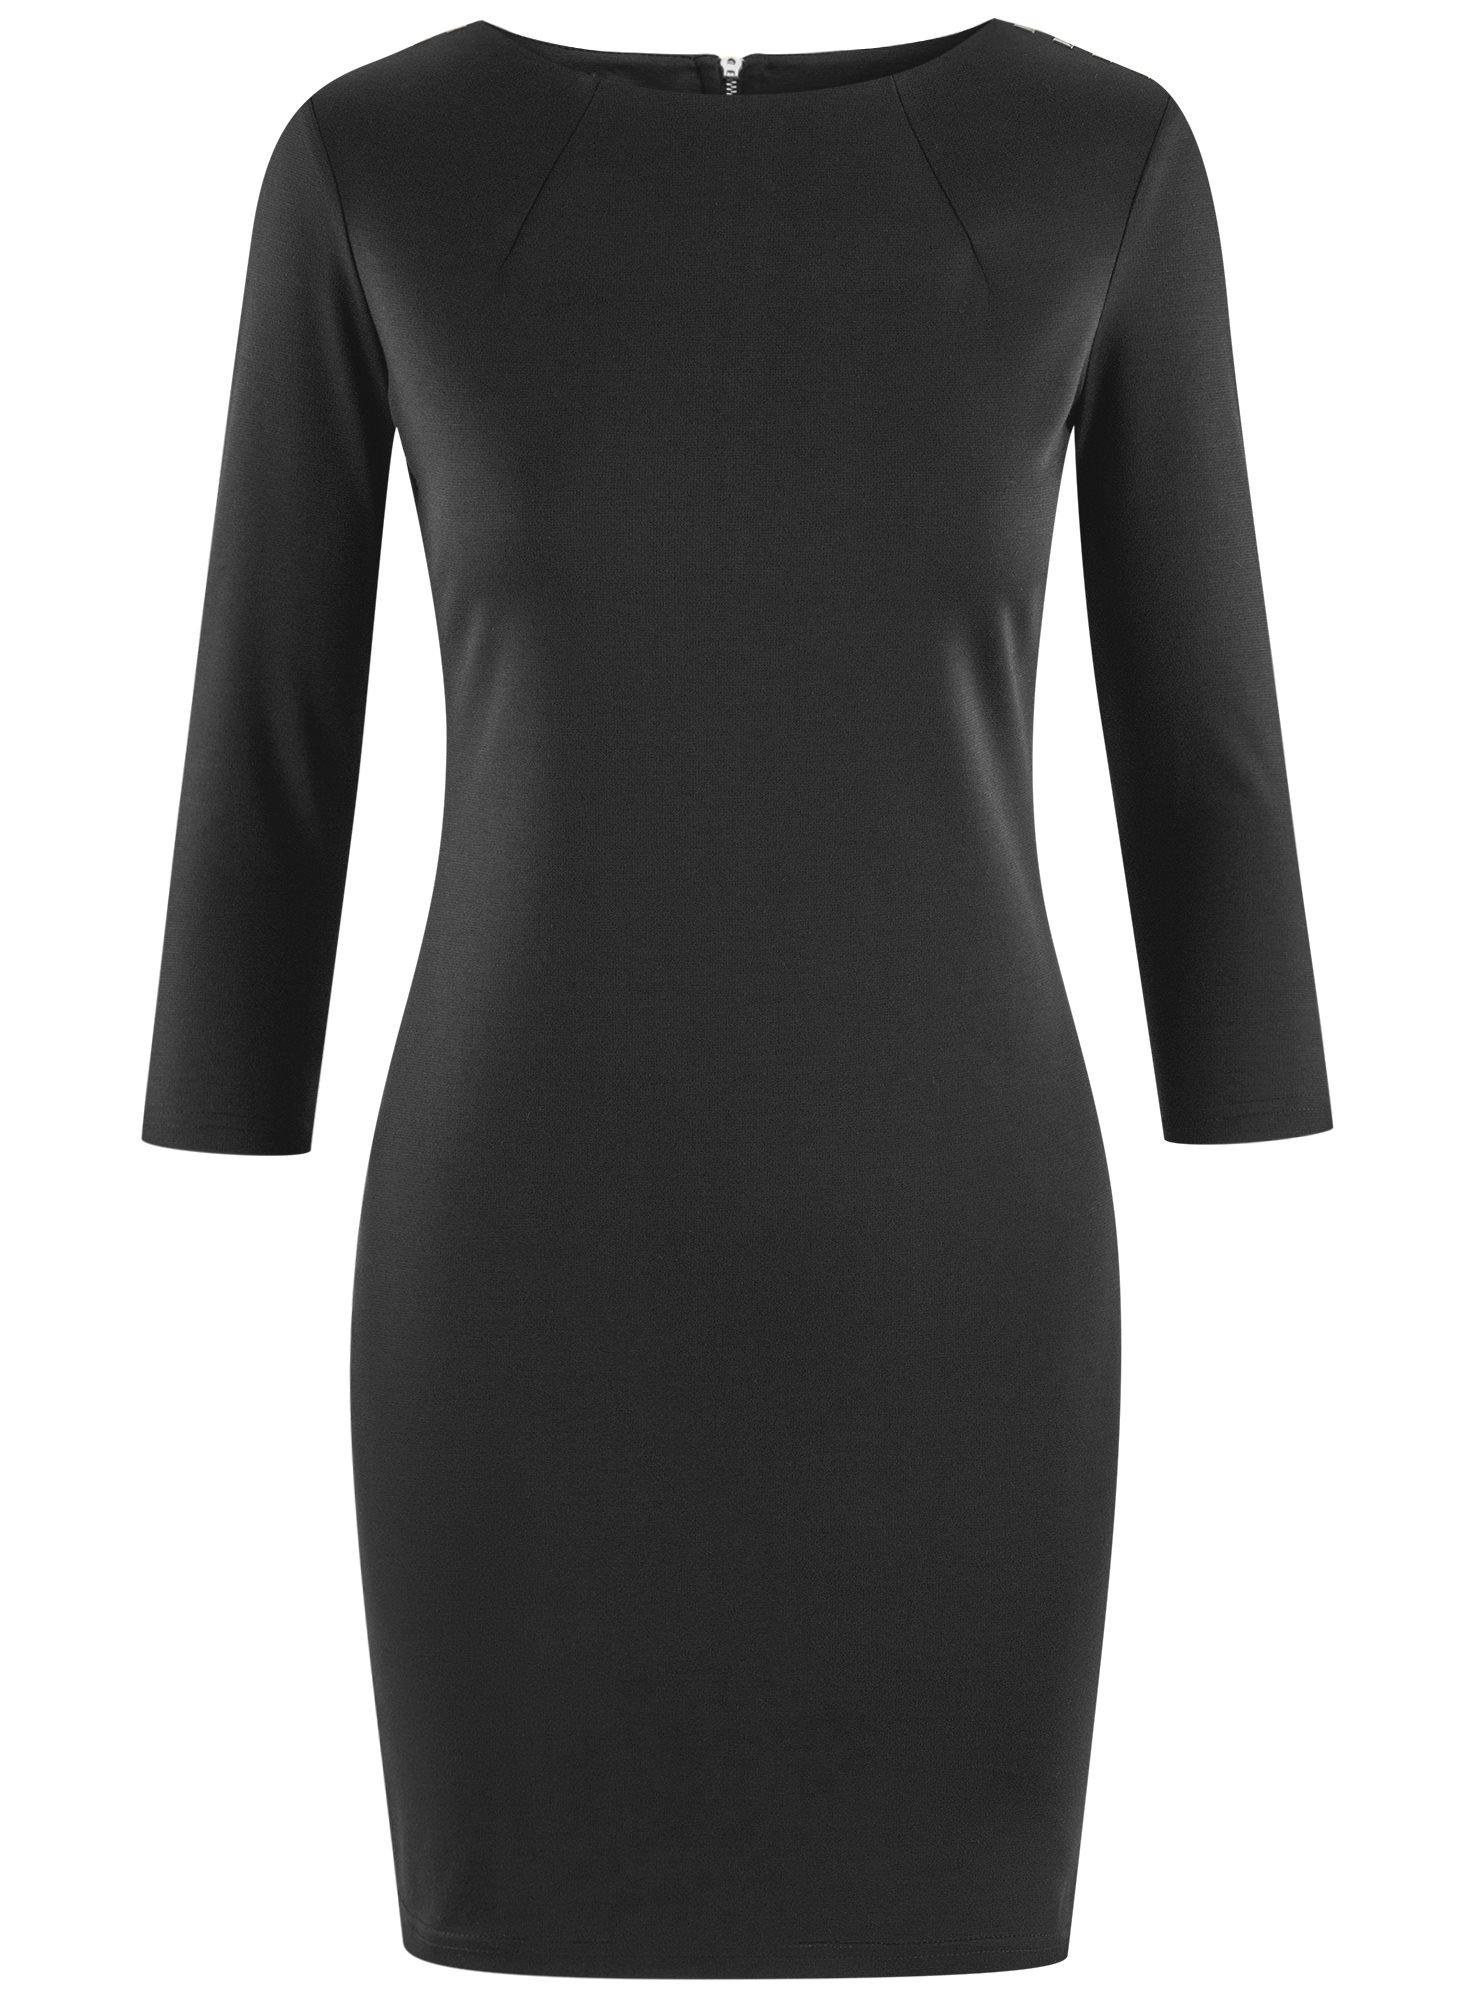 Платье с металлическим декором на плечах oodji для женщины (черный), 14001105-2/18610/2900N